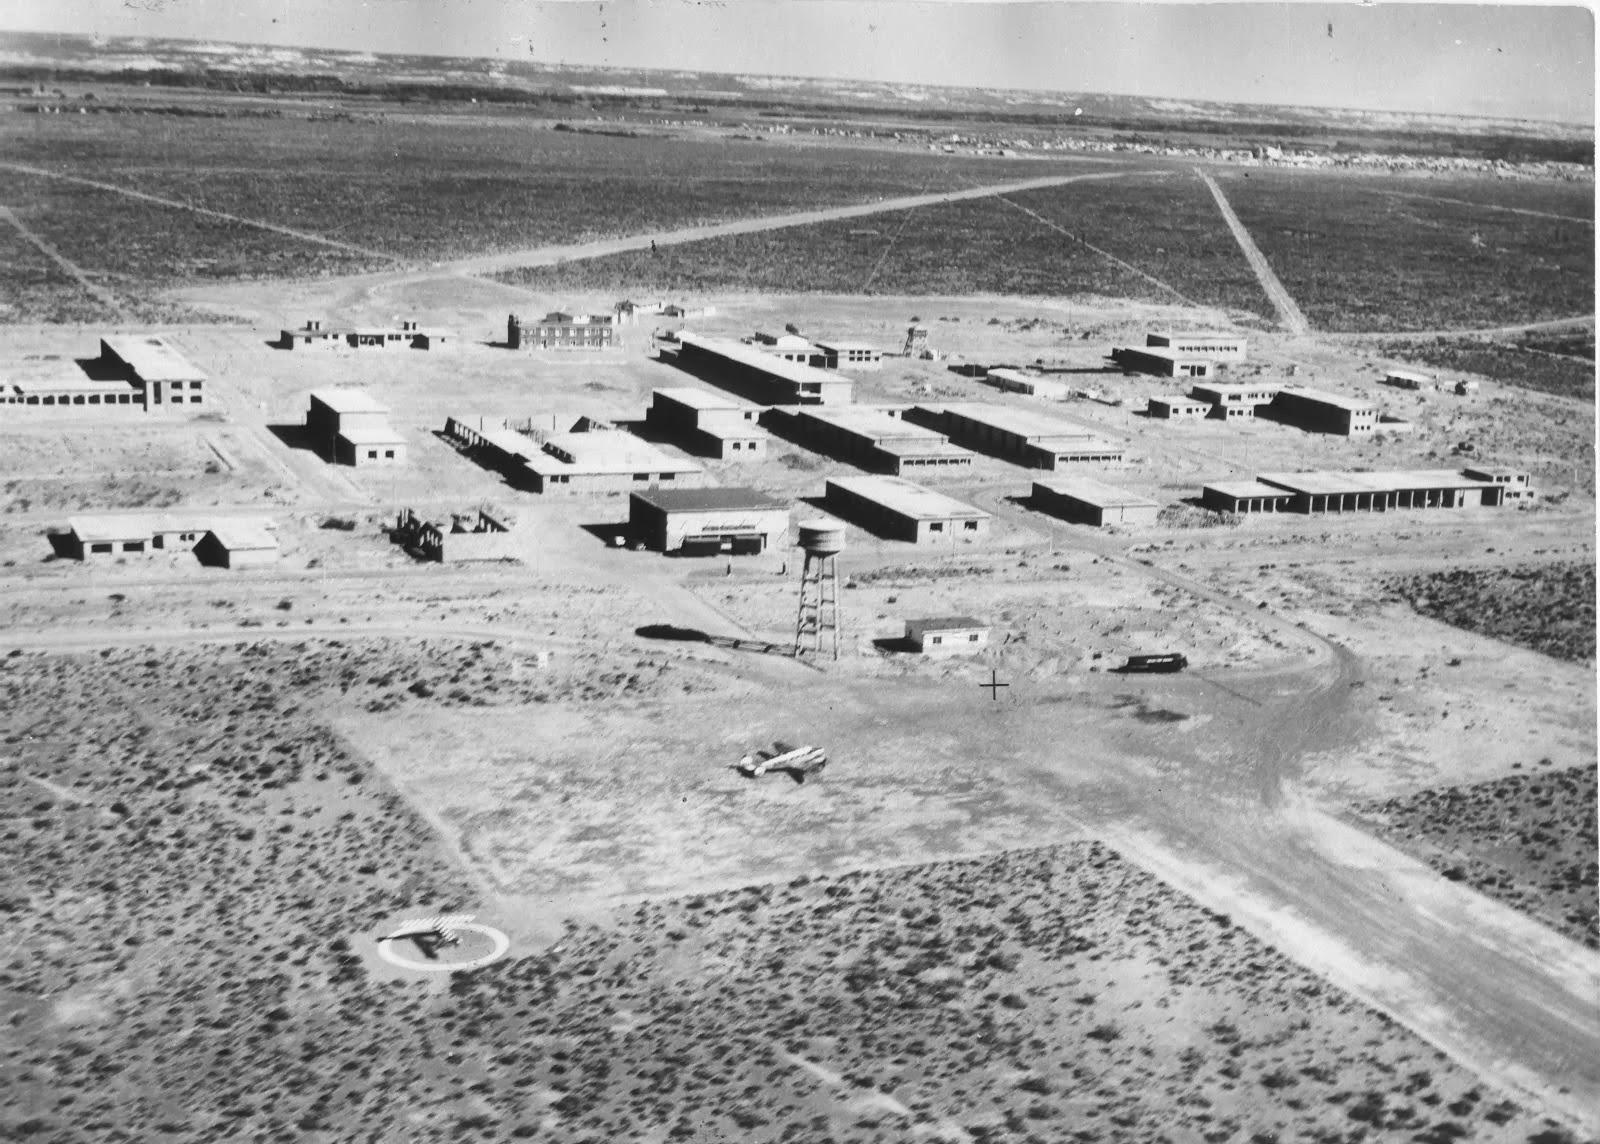 Efemérides Aeronavales: 06 de febrero de 1961